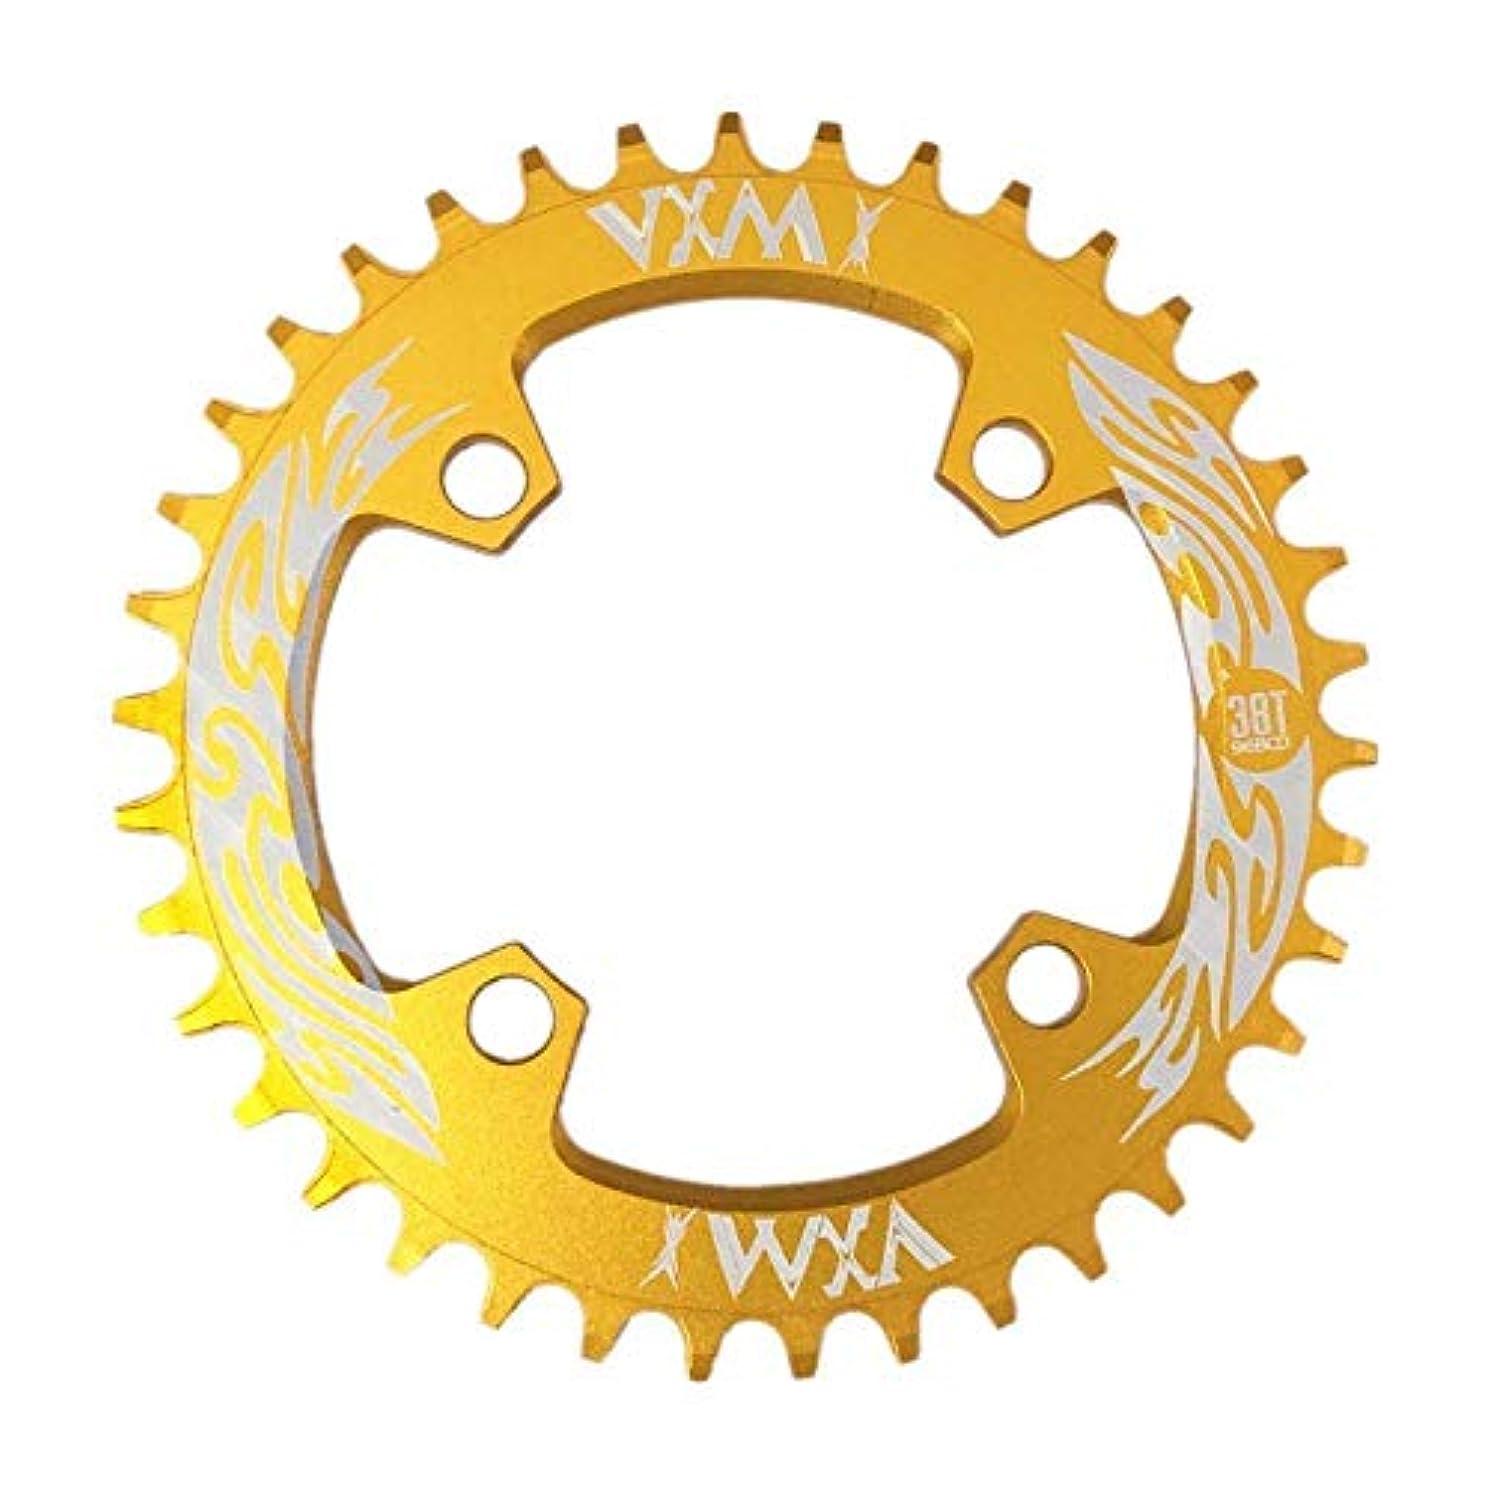 白鳥パーフェルビッド削るPropenary - Bicycle Crank & Chainwheel 96BCD 38T Ultralight Alloy Bike Bicycle Narrow Wide Chainring Round Chainwheel Cycle Crankset [ Gold ]